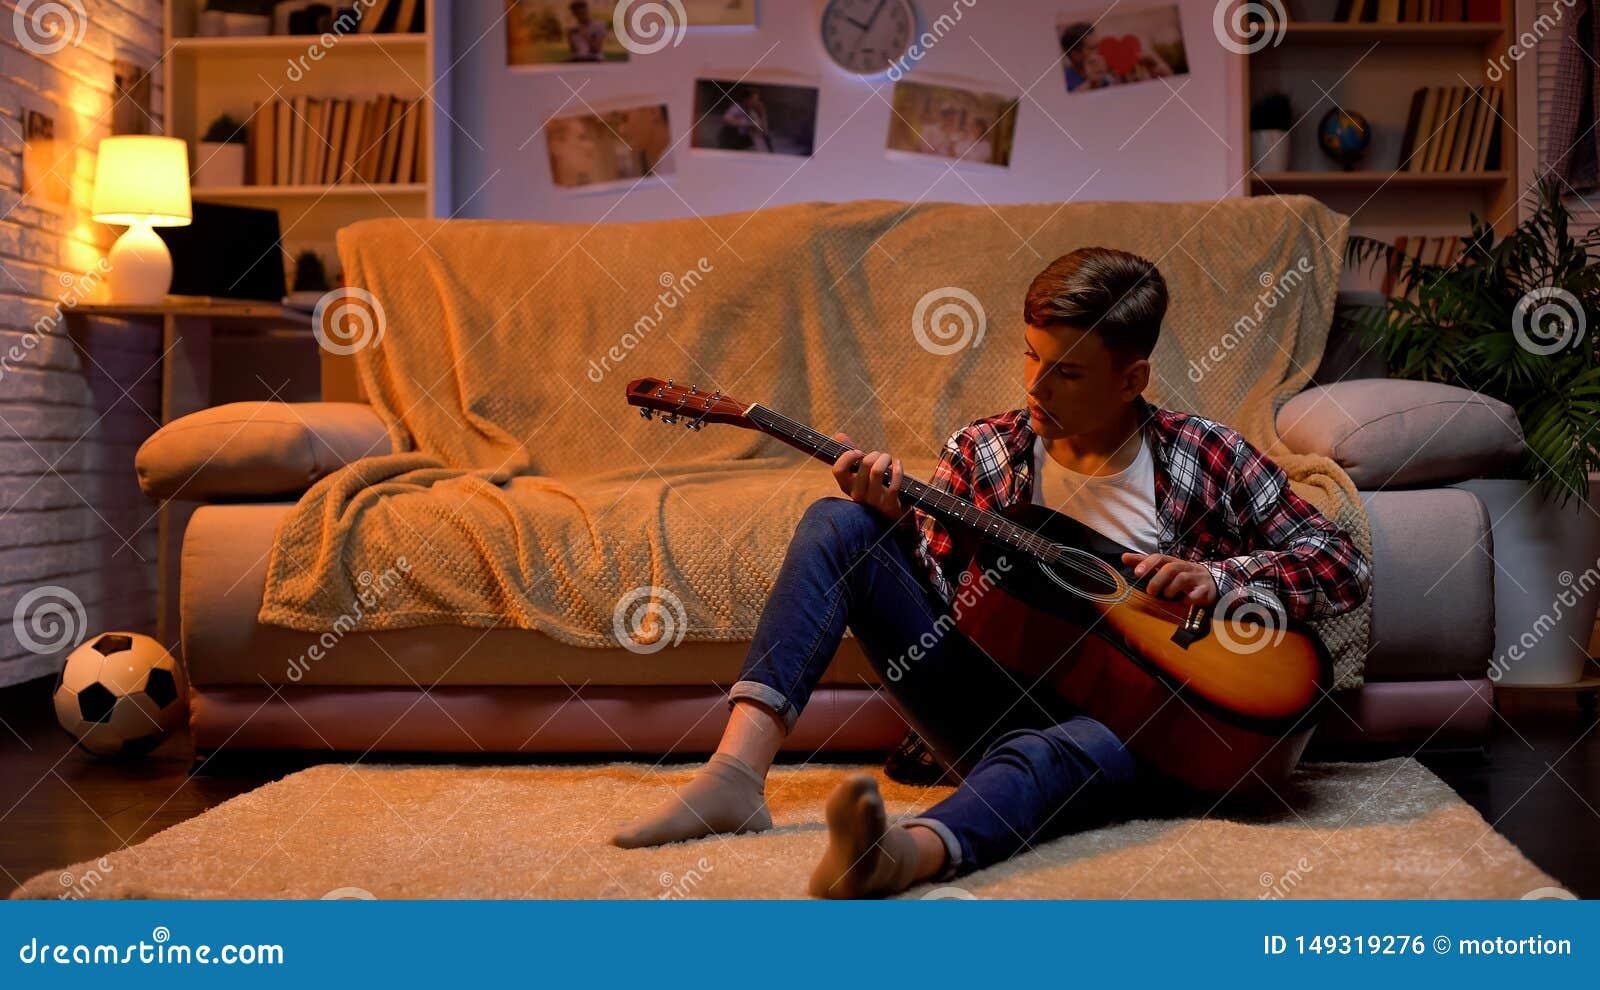 Ton?ring som studerar f?r att spela gitarren som dr?mmer om musikerkarri?rhobbyen, livsstil